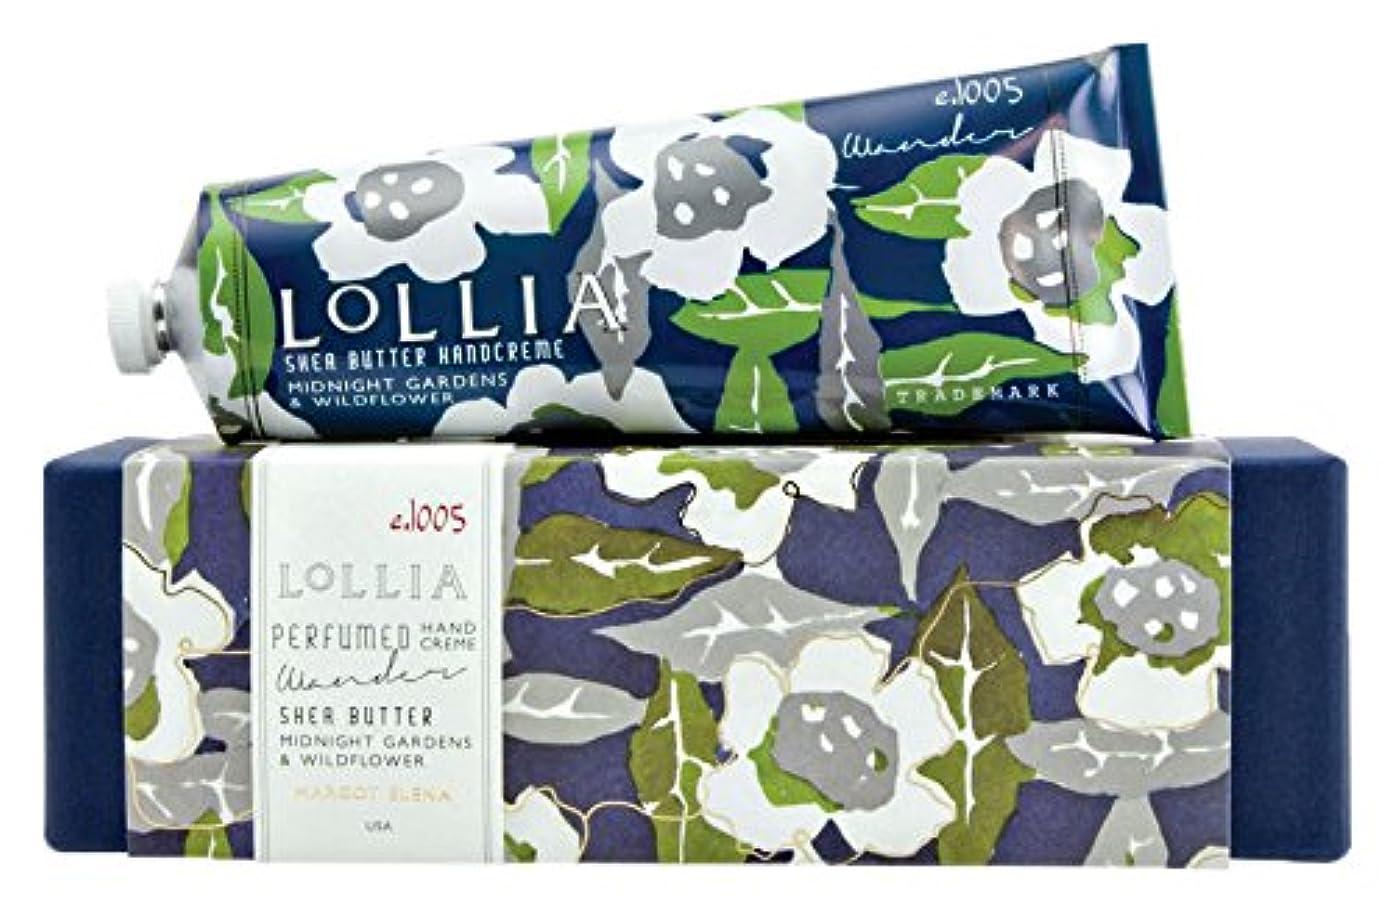 取得する朝市場ロリア(LoLLIA) ラージハンドクリーム Wander 113g (ナイトブルーミングジャスミンとサイプレスの香り)